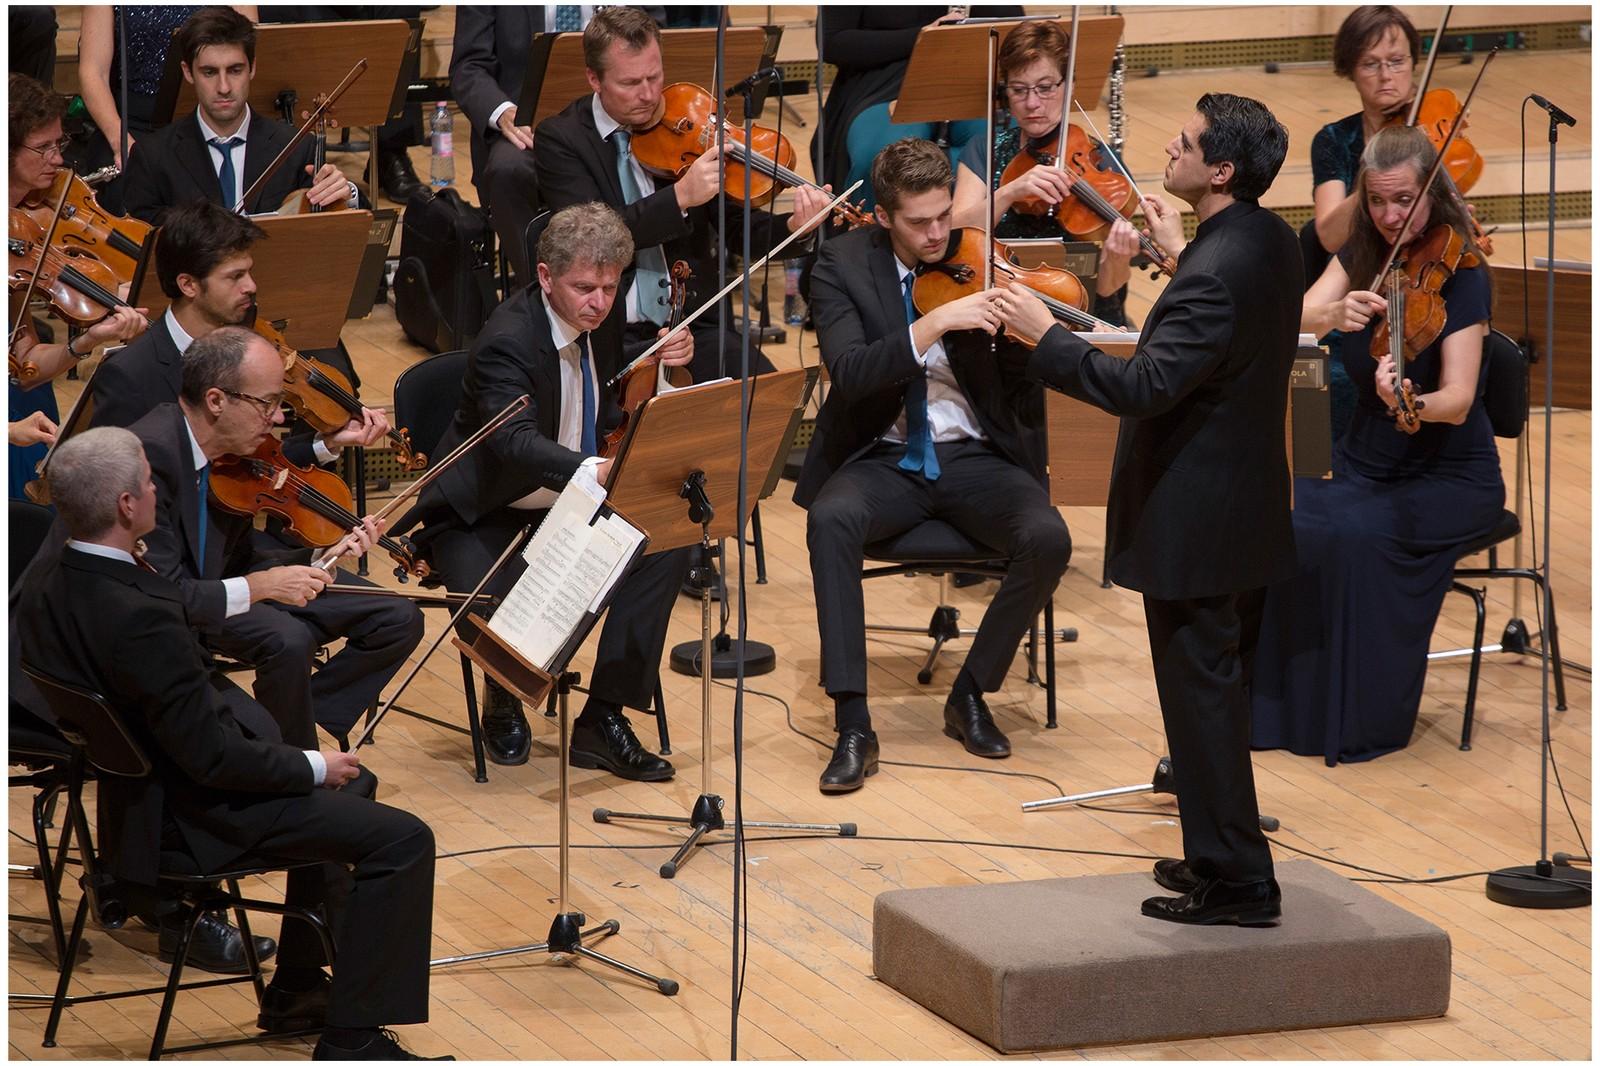 Miguel Harth-Bedoya i aksjon med Kringkastingsorkestret